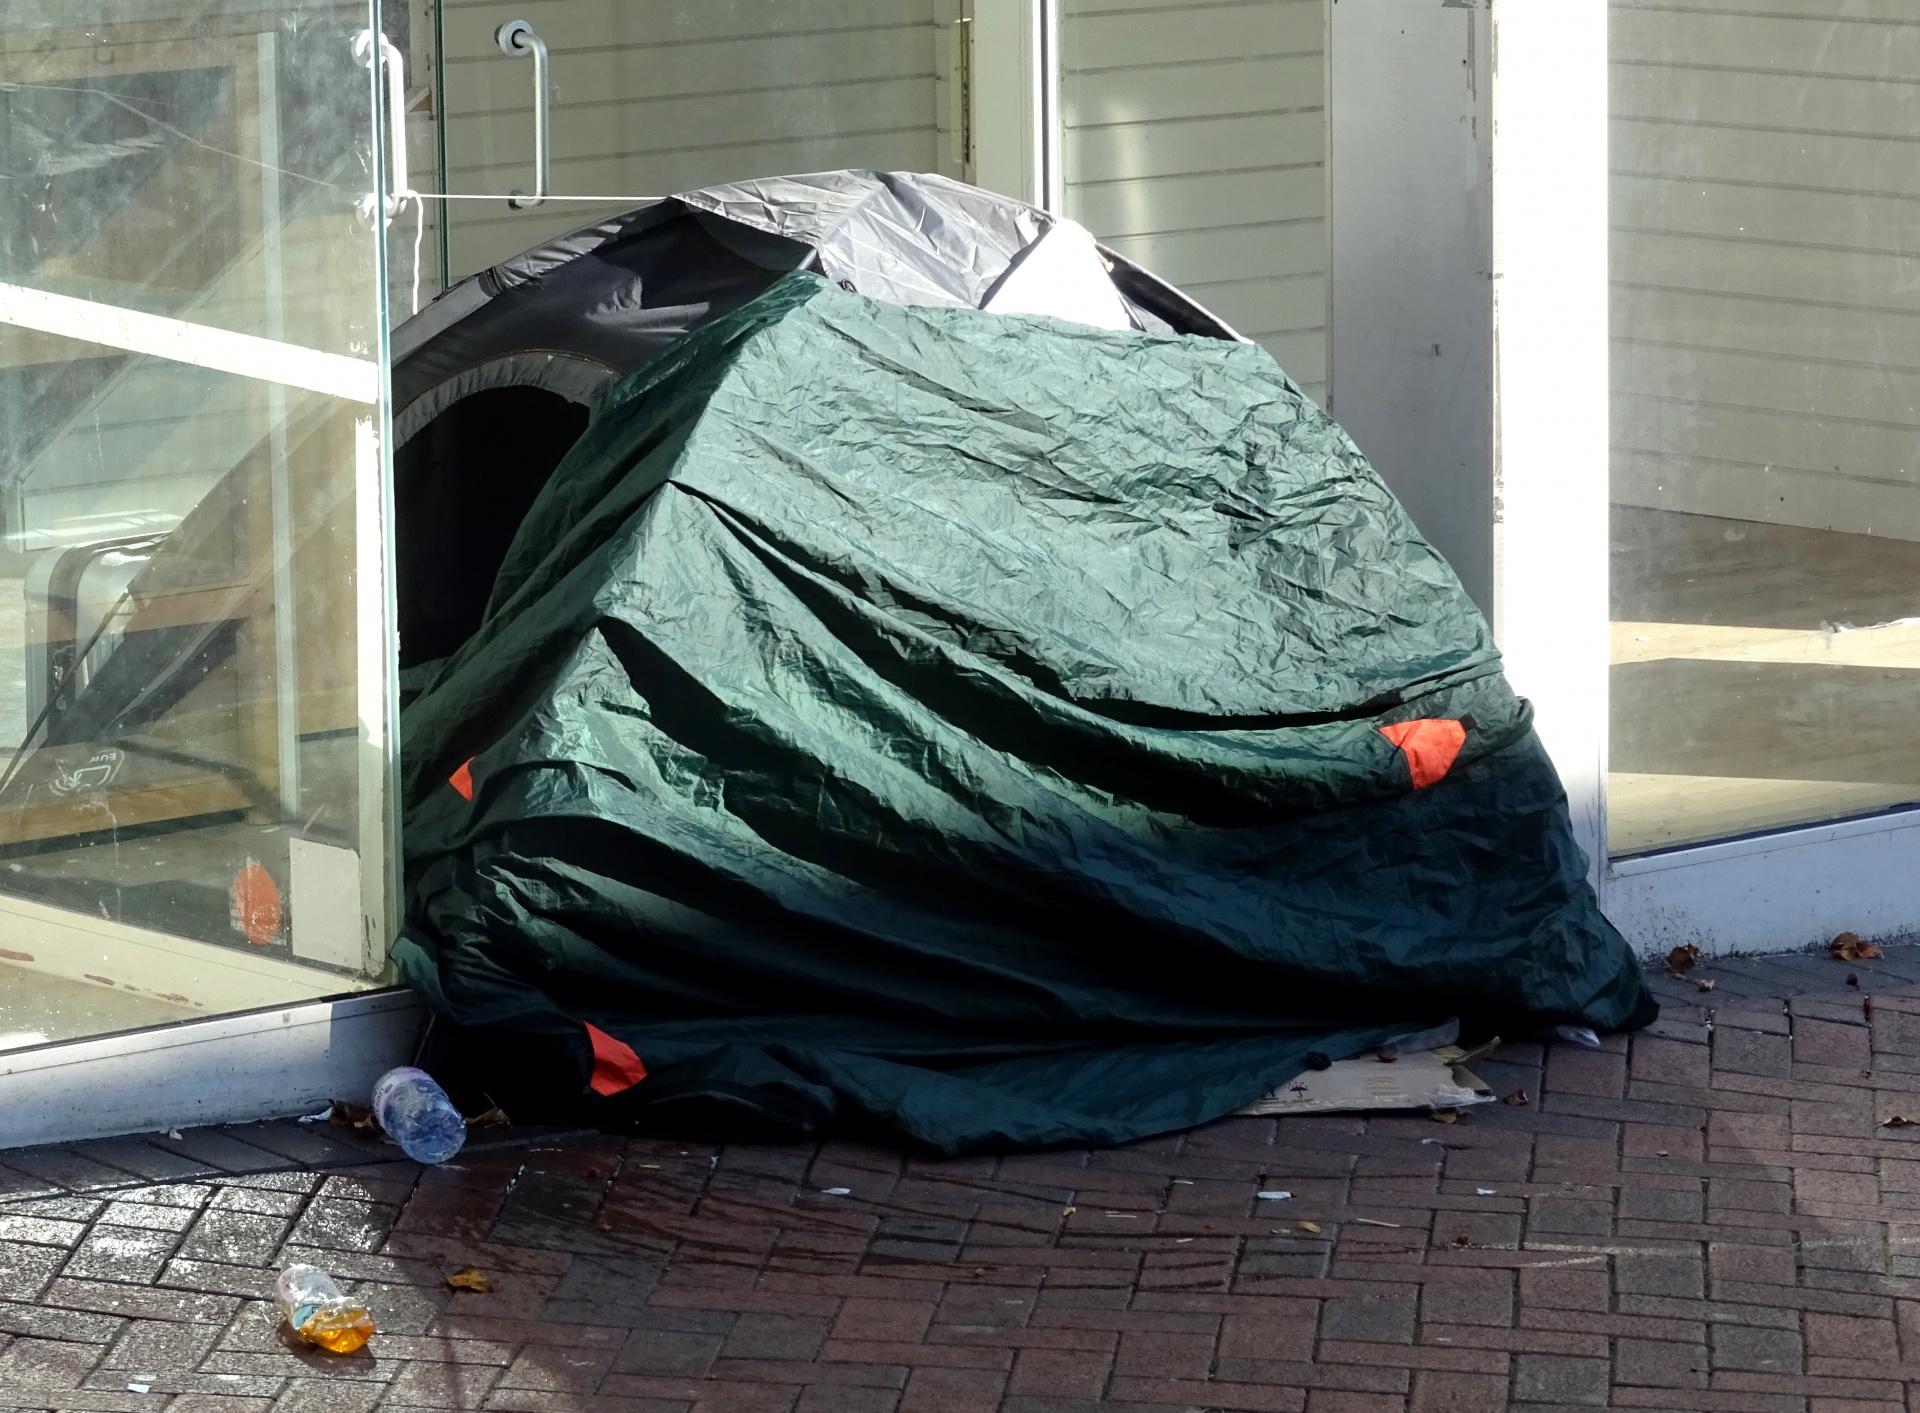 https://www.publicdomainpictures.net/en/view-image.php?image=268451&picture=homeless-tent-in-shop-doorway